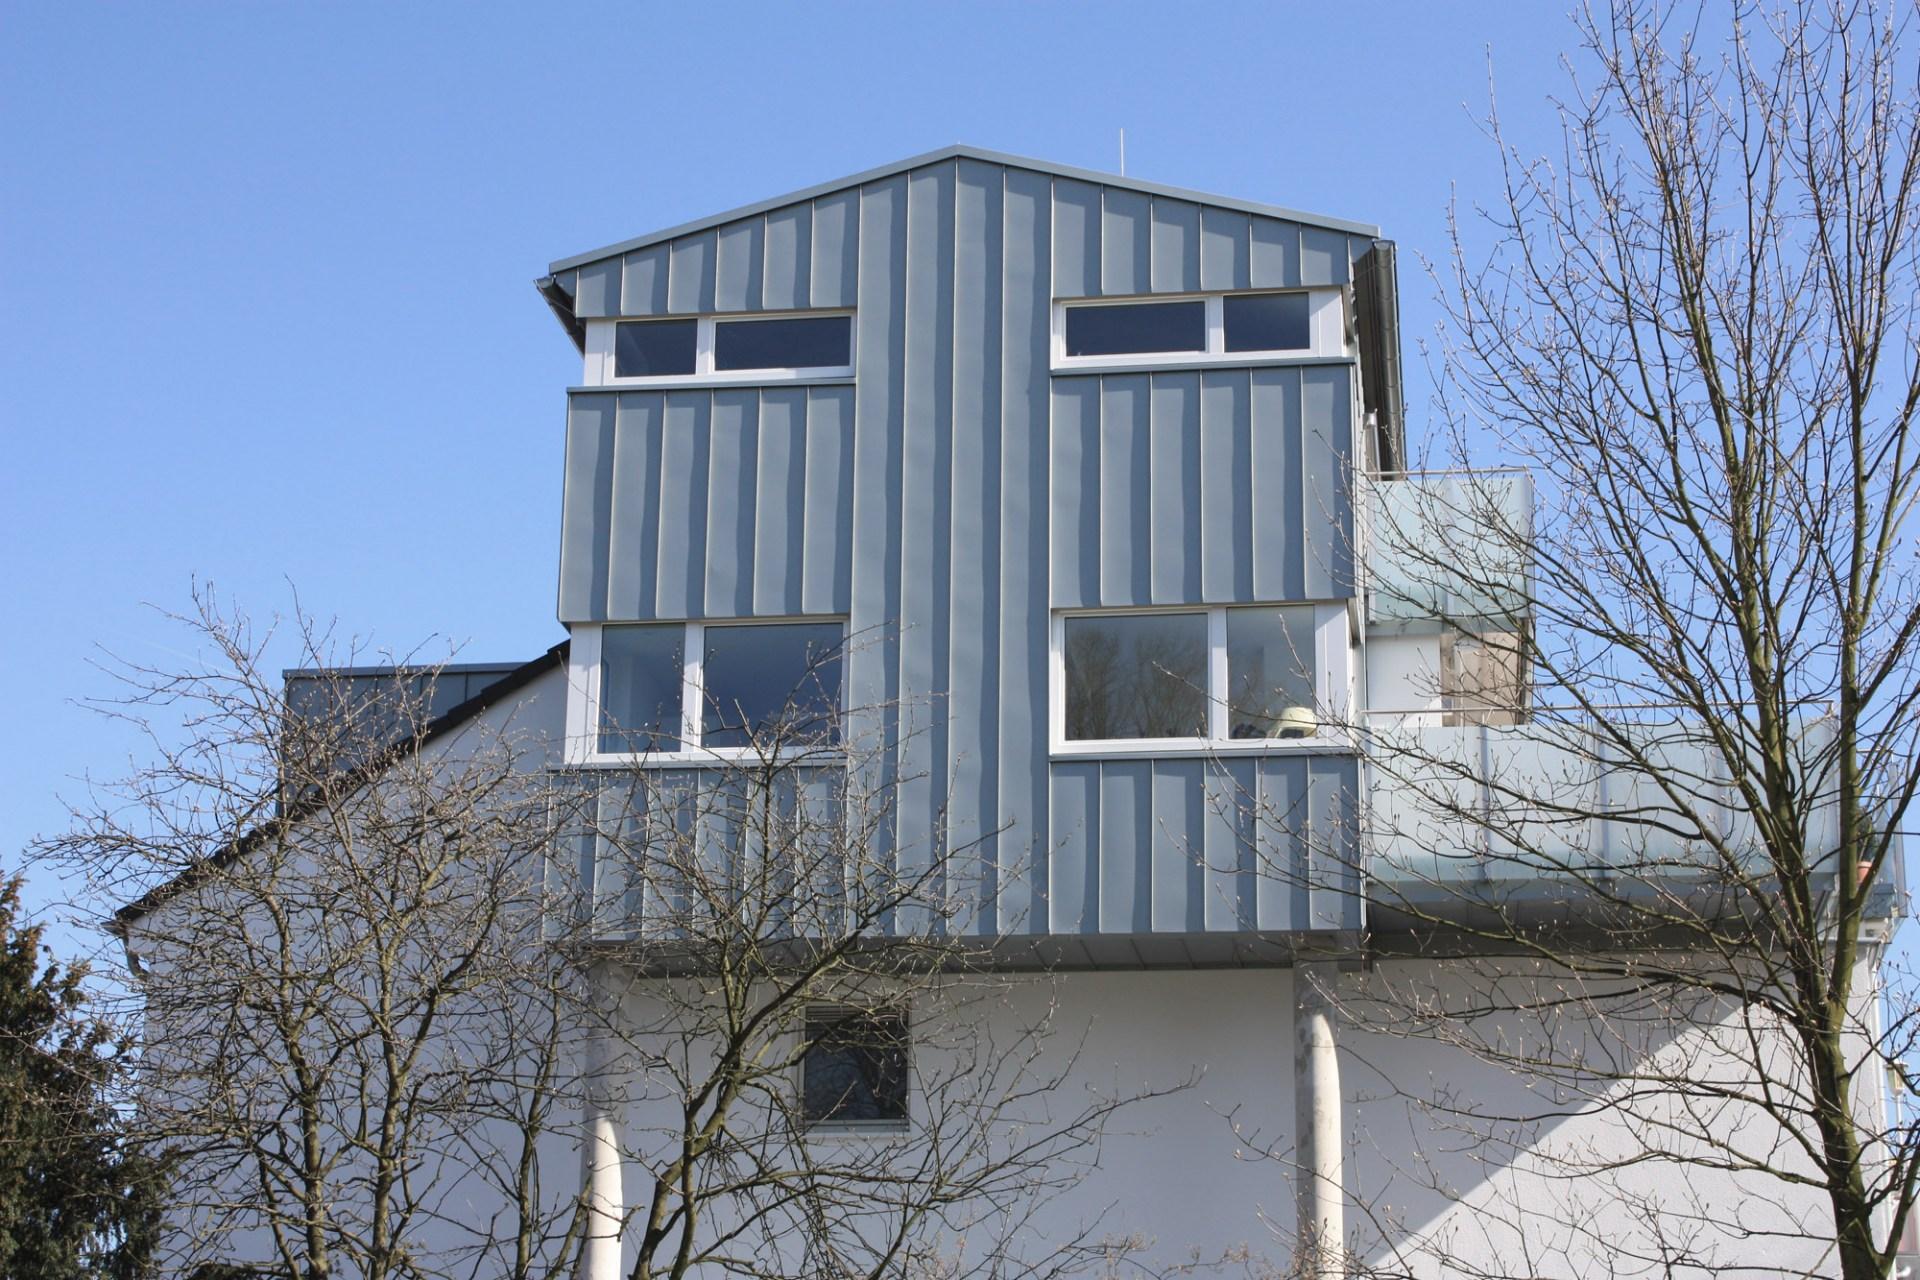 Schrage Architekten Kittelbachstraße